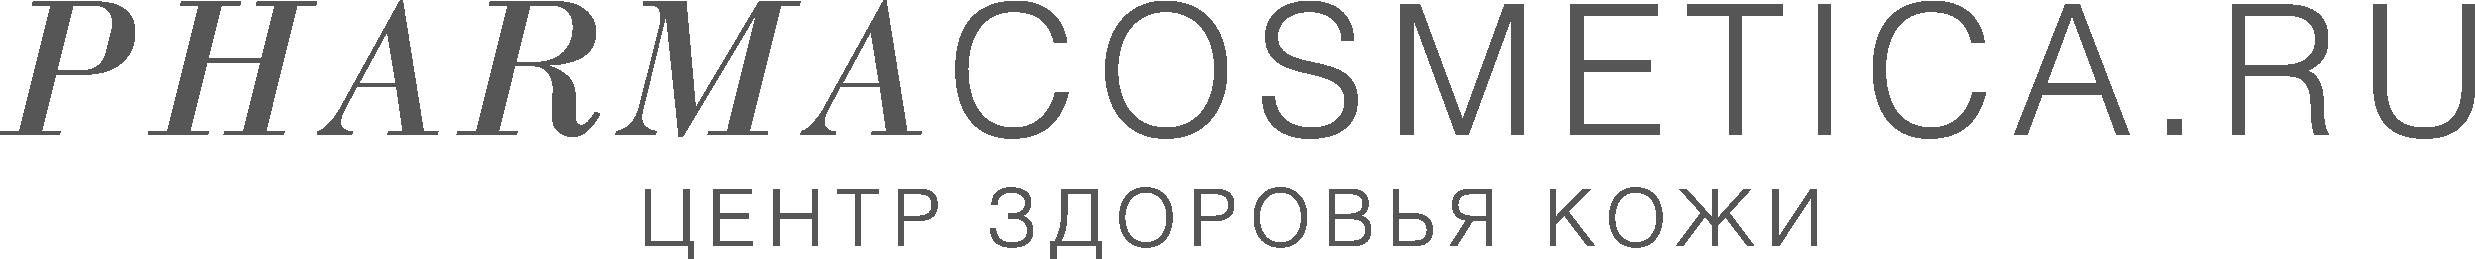 logomob фото 1